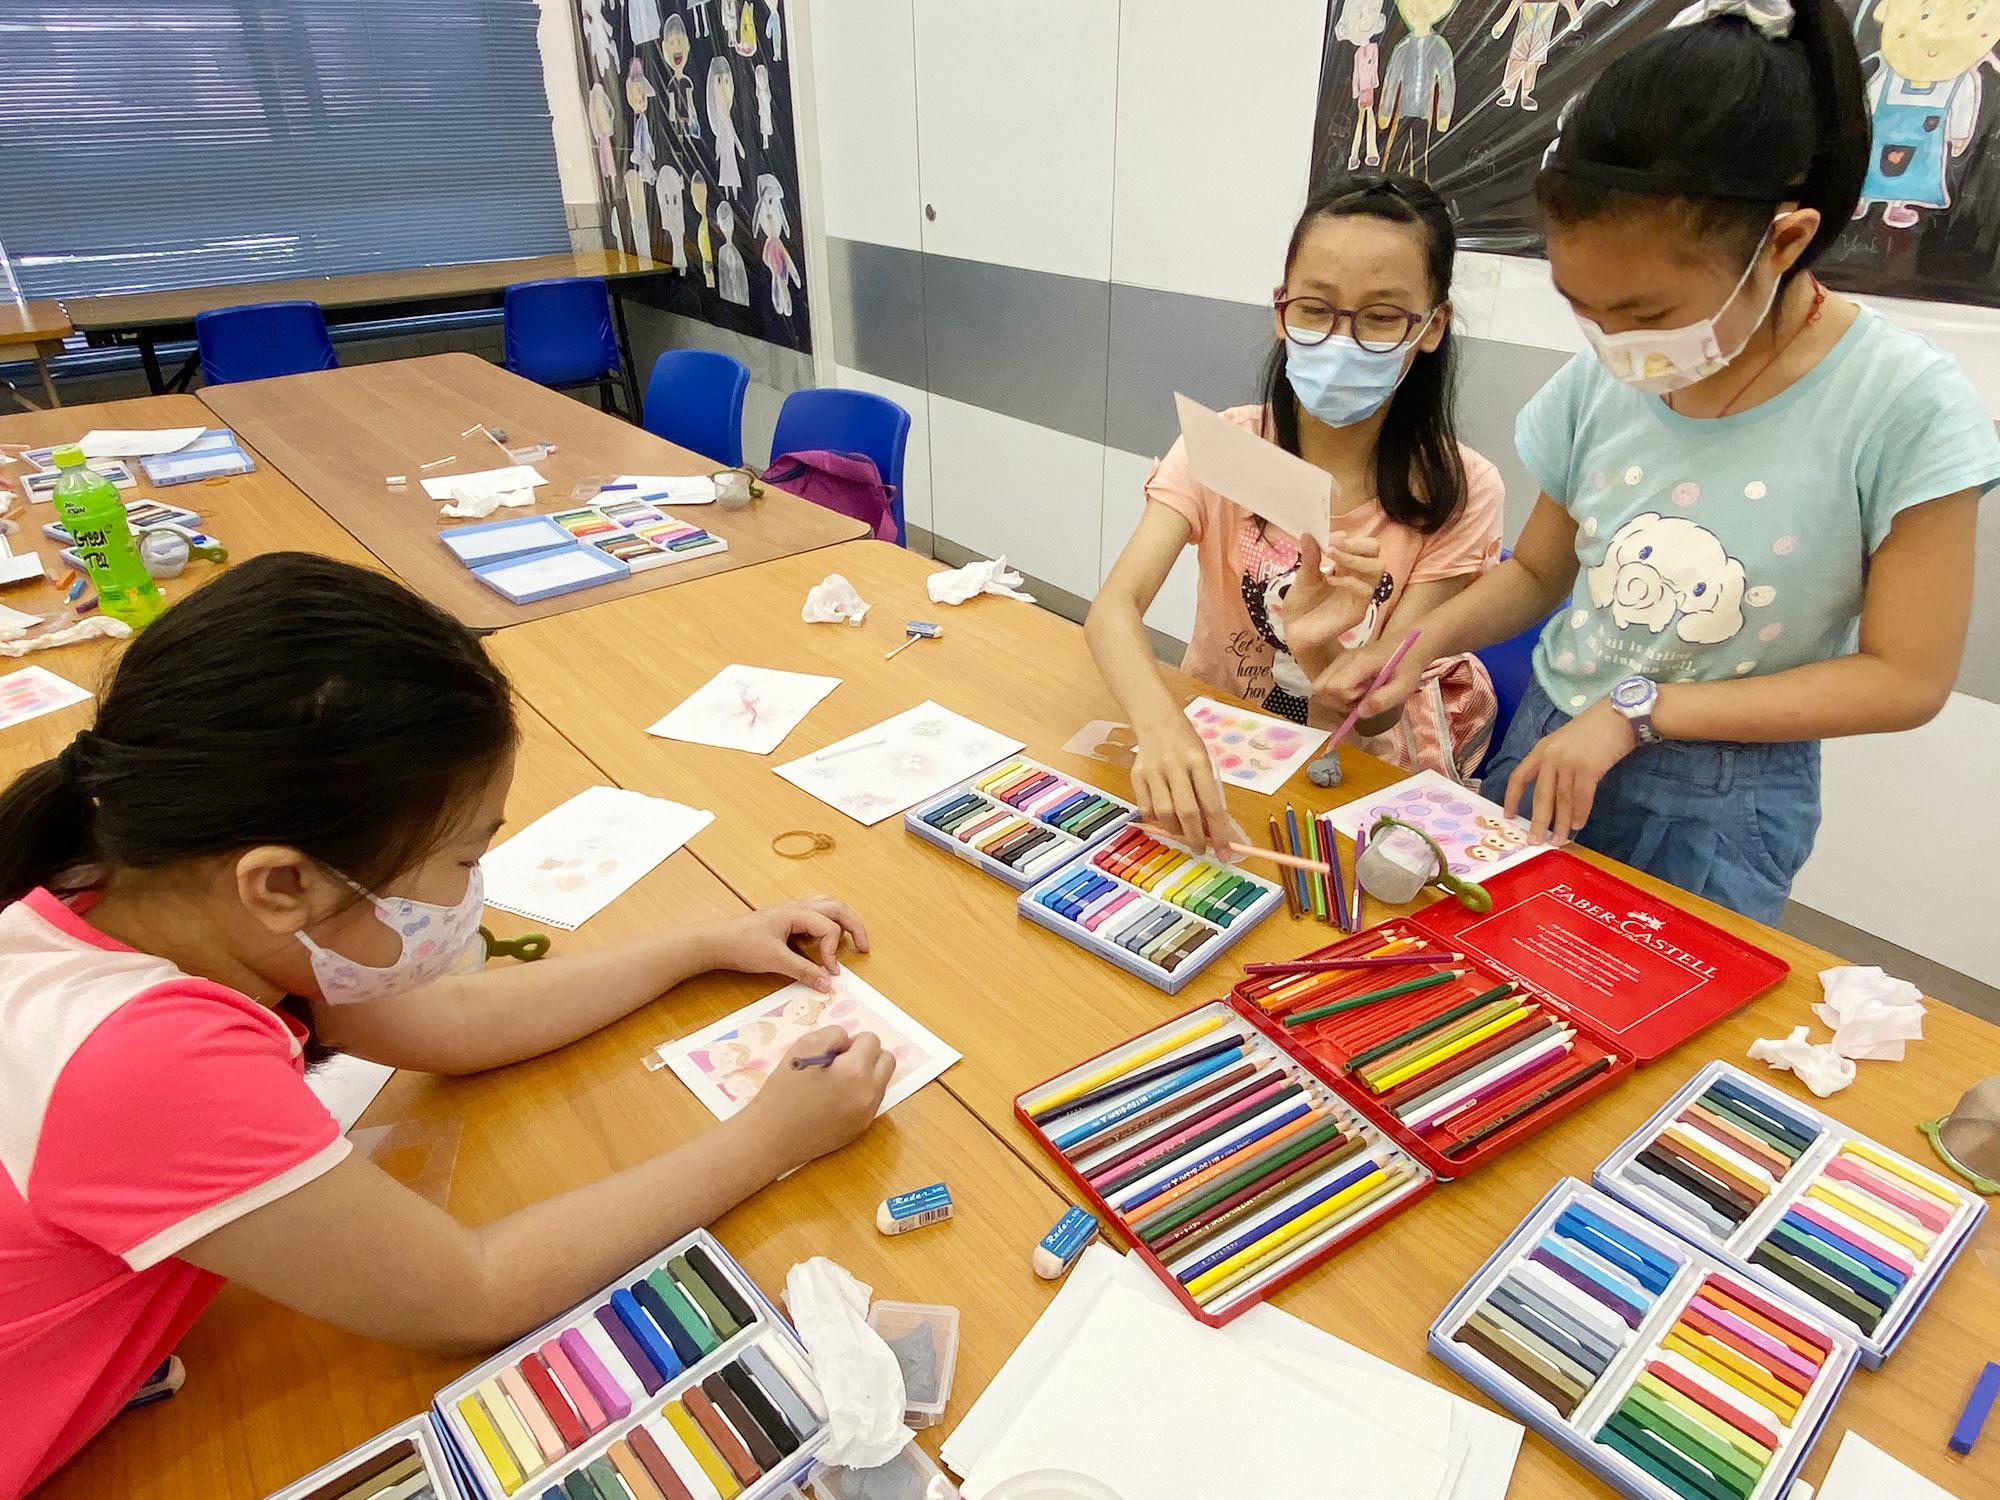 香港人寿赞助—「 一『童』经『曆』和谐粉彩班」